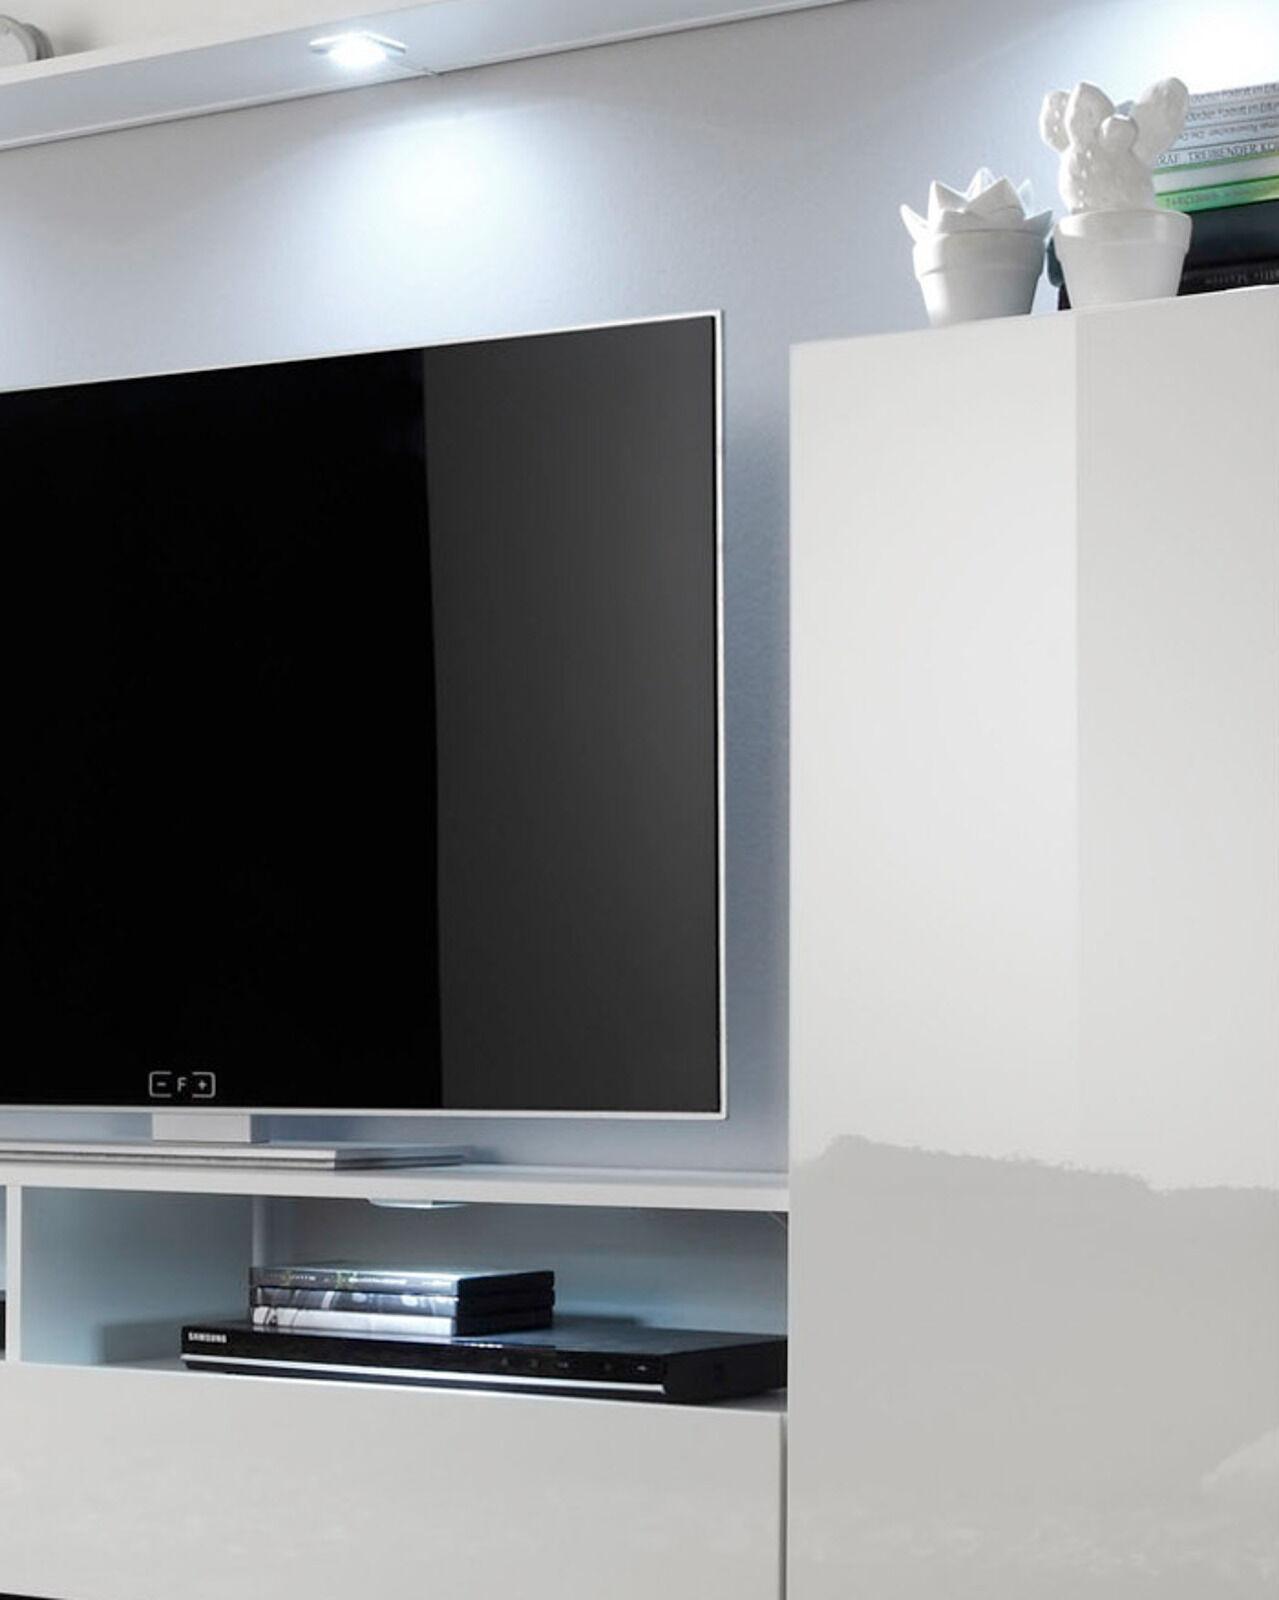 wohnwand wei hochglanz fernsehschrank wohnzimmer tv hifi. Black Bedroom Furniture Sets. Home Design Ideas